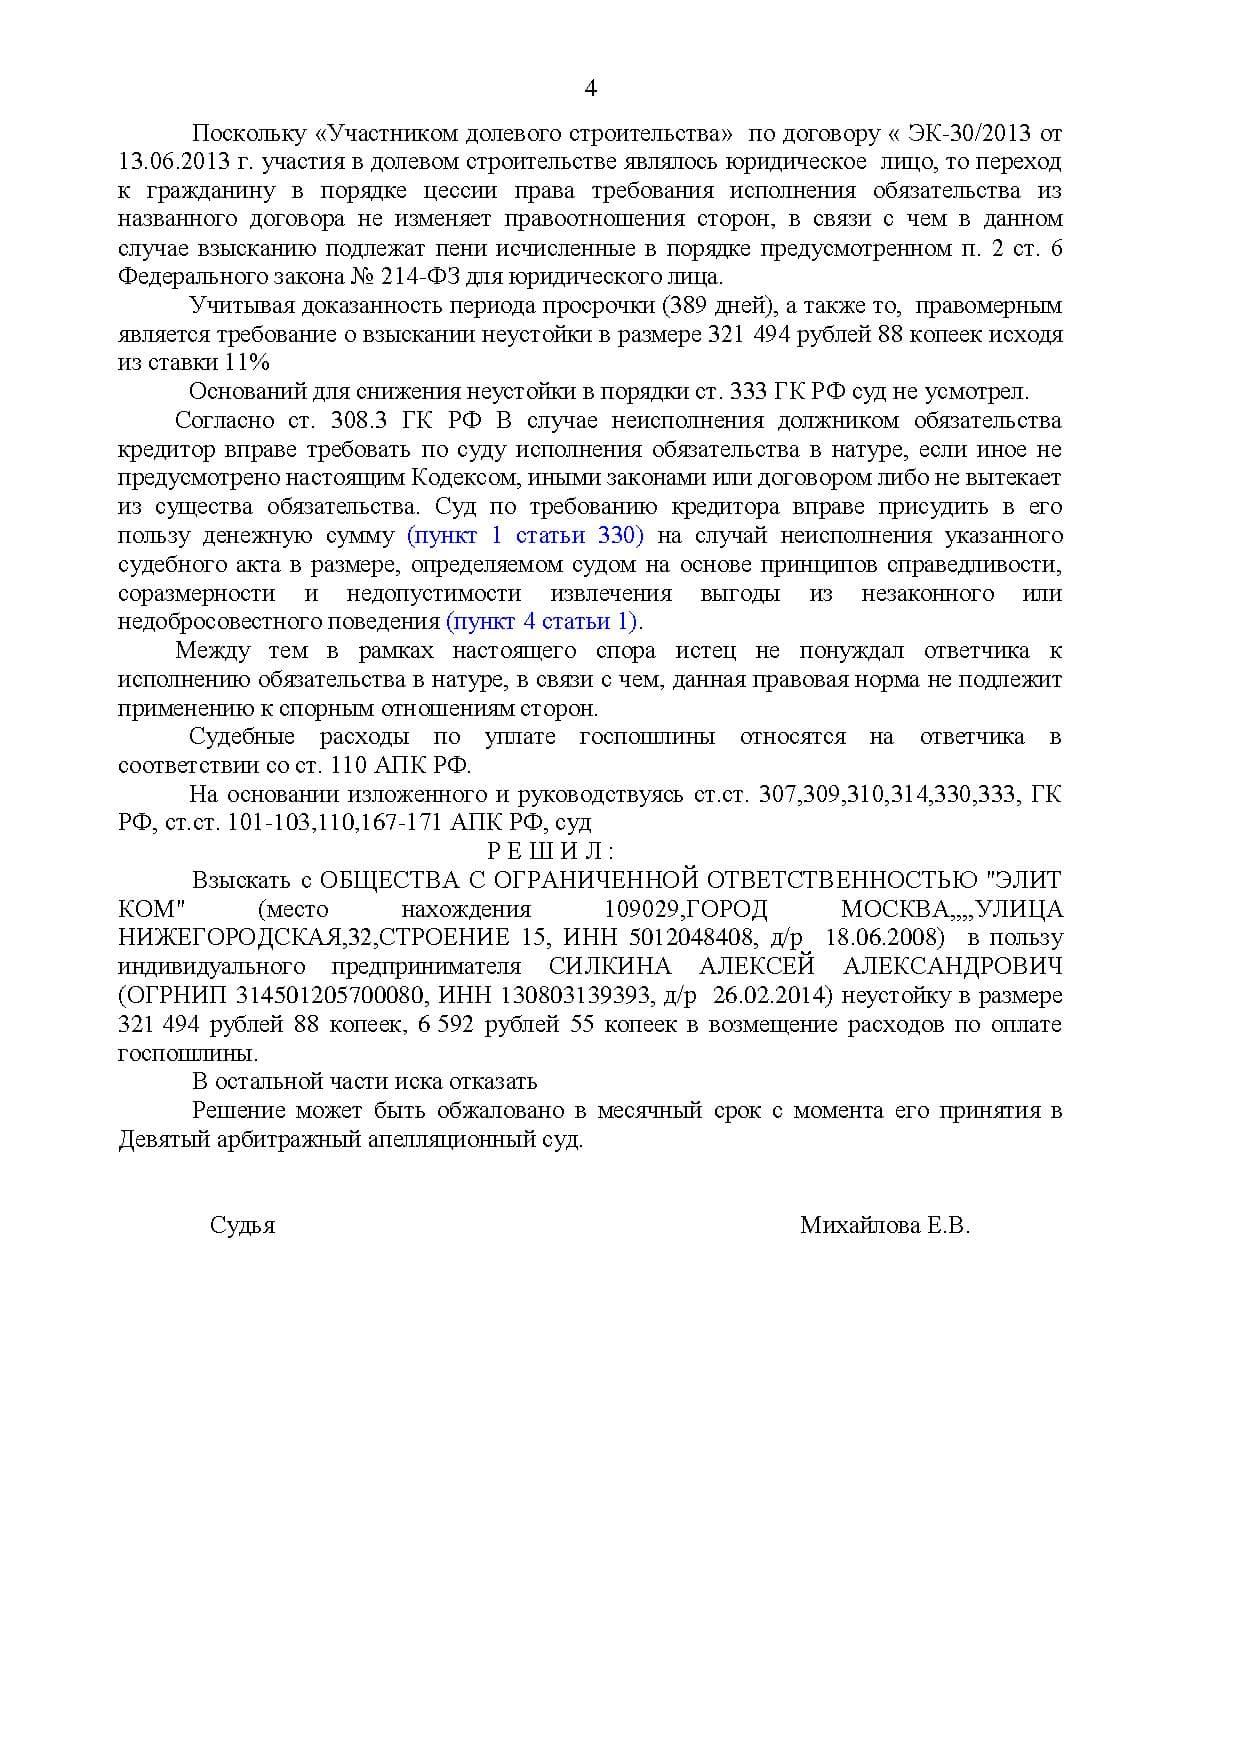 Решение Арбитражного суда г. Москвы к застройщику ООО «ЭЛИТ КОМ» о взыскании неустойки